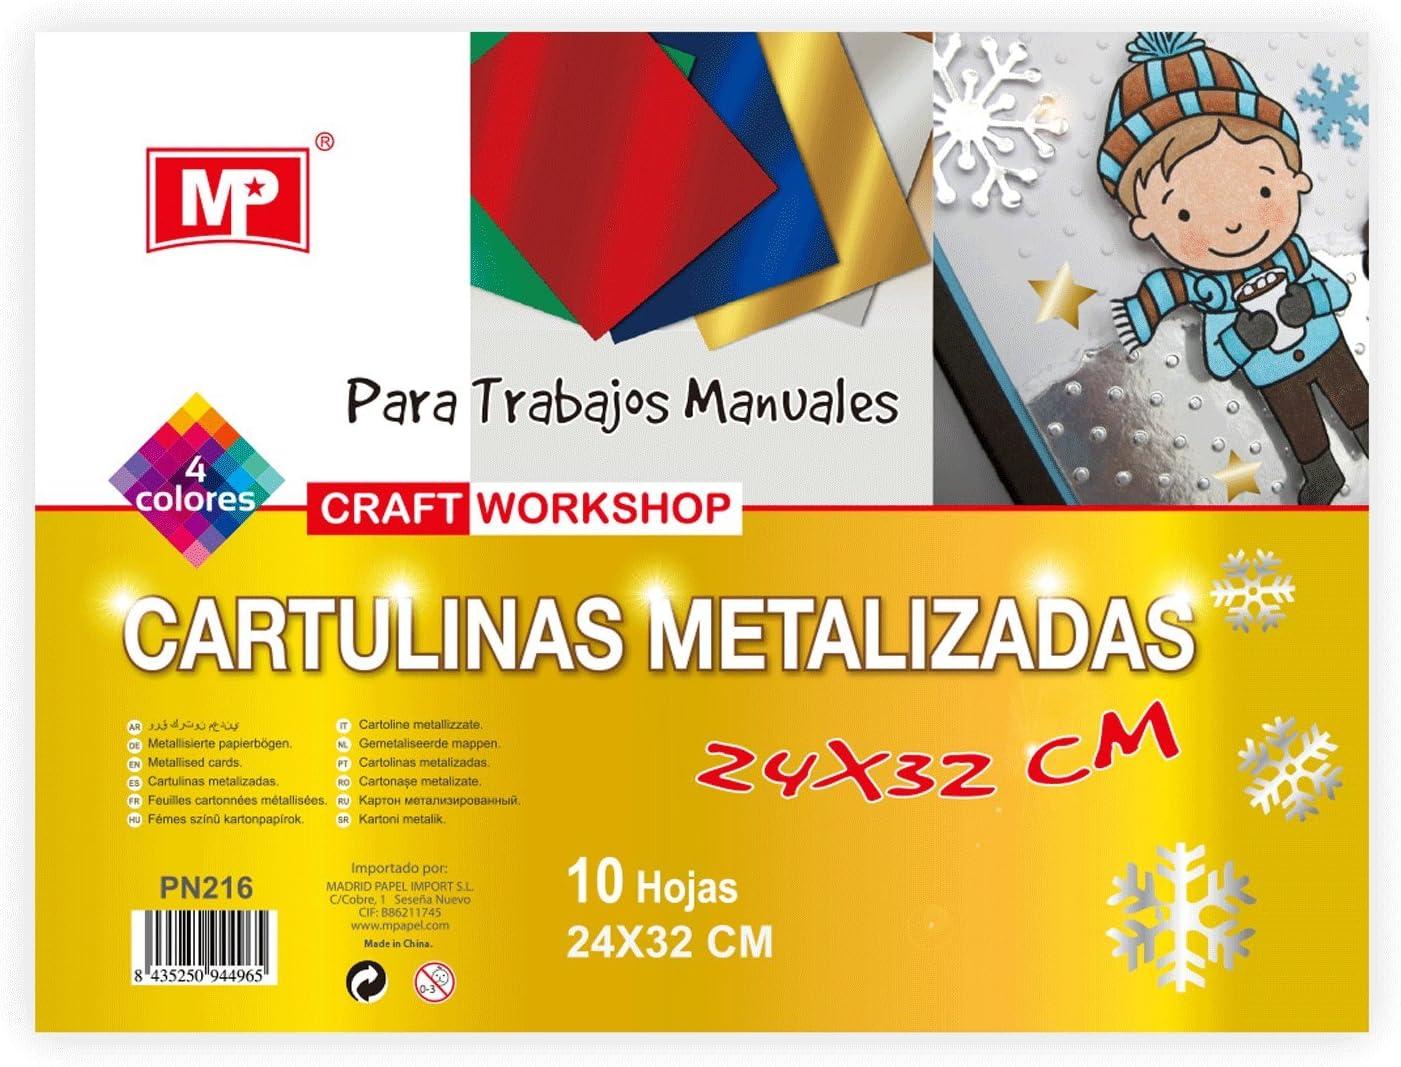 MP PN216 - Pack de 4 cartulinas metalizadas: Amazon.es: Oficina y papelería